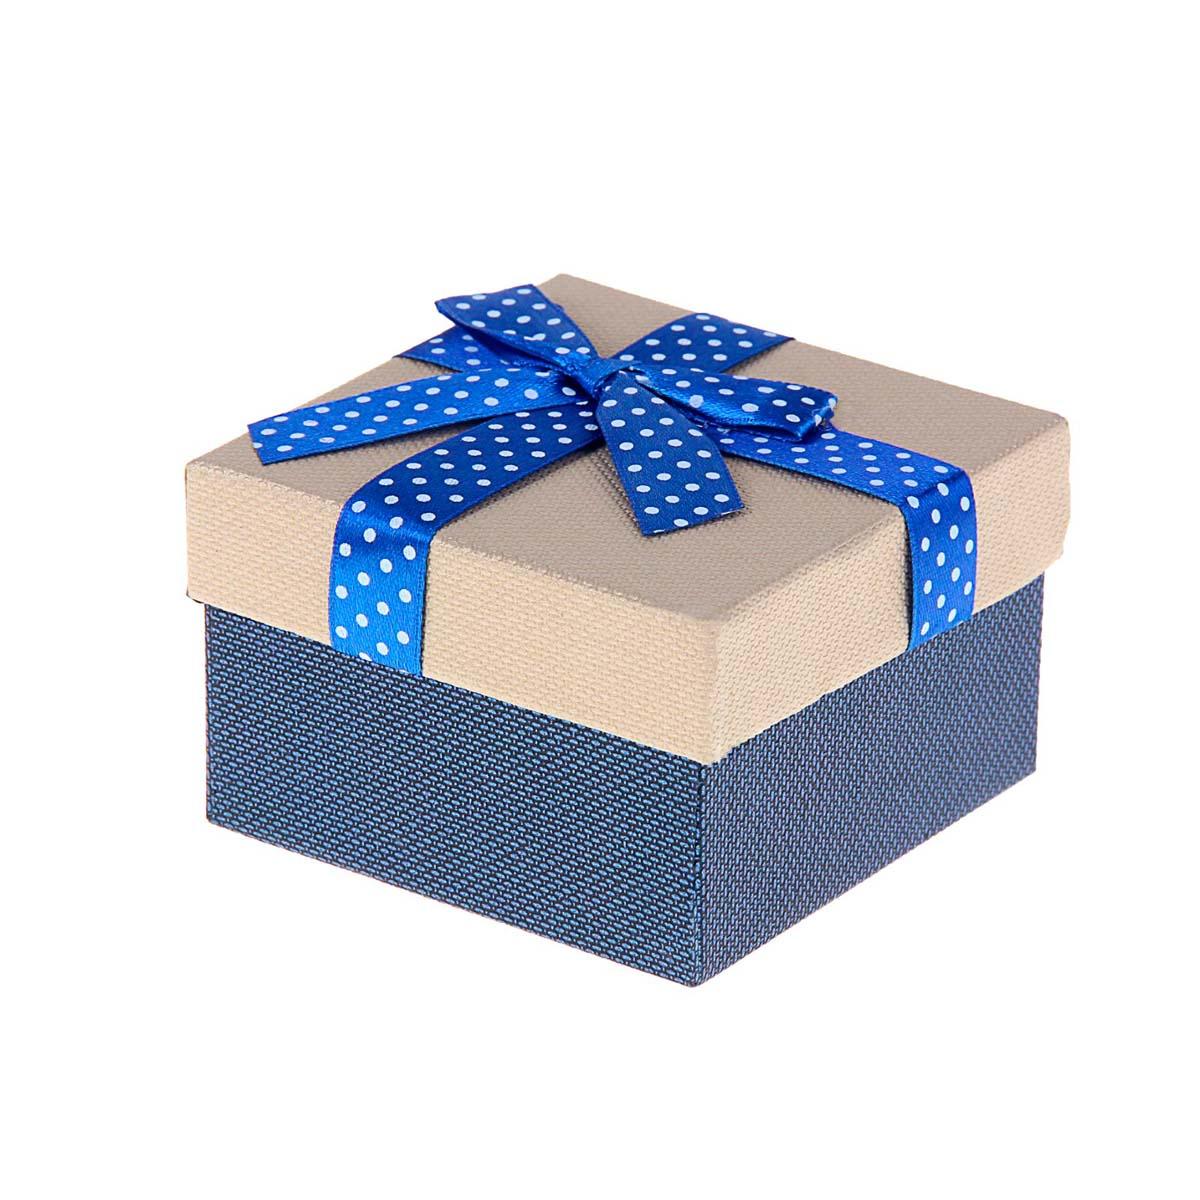 1150628 Коробка подарочная квадрат 'Бант' 9 х 9 х 5,5 см , цвет синий